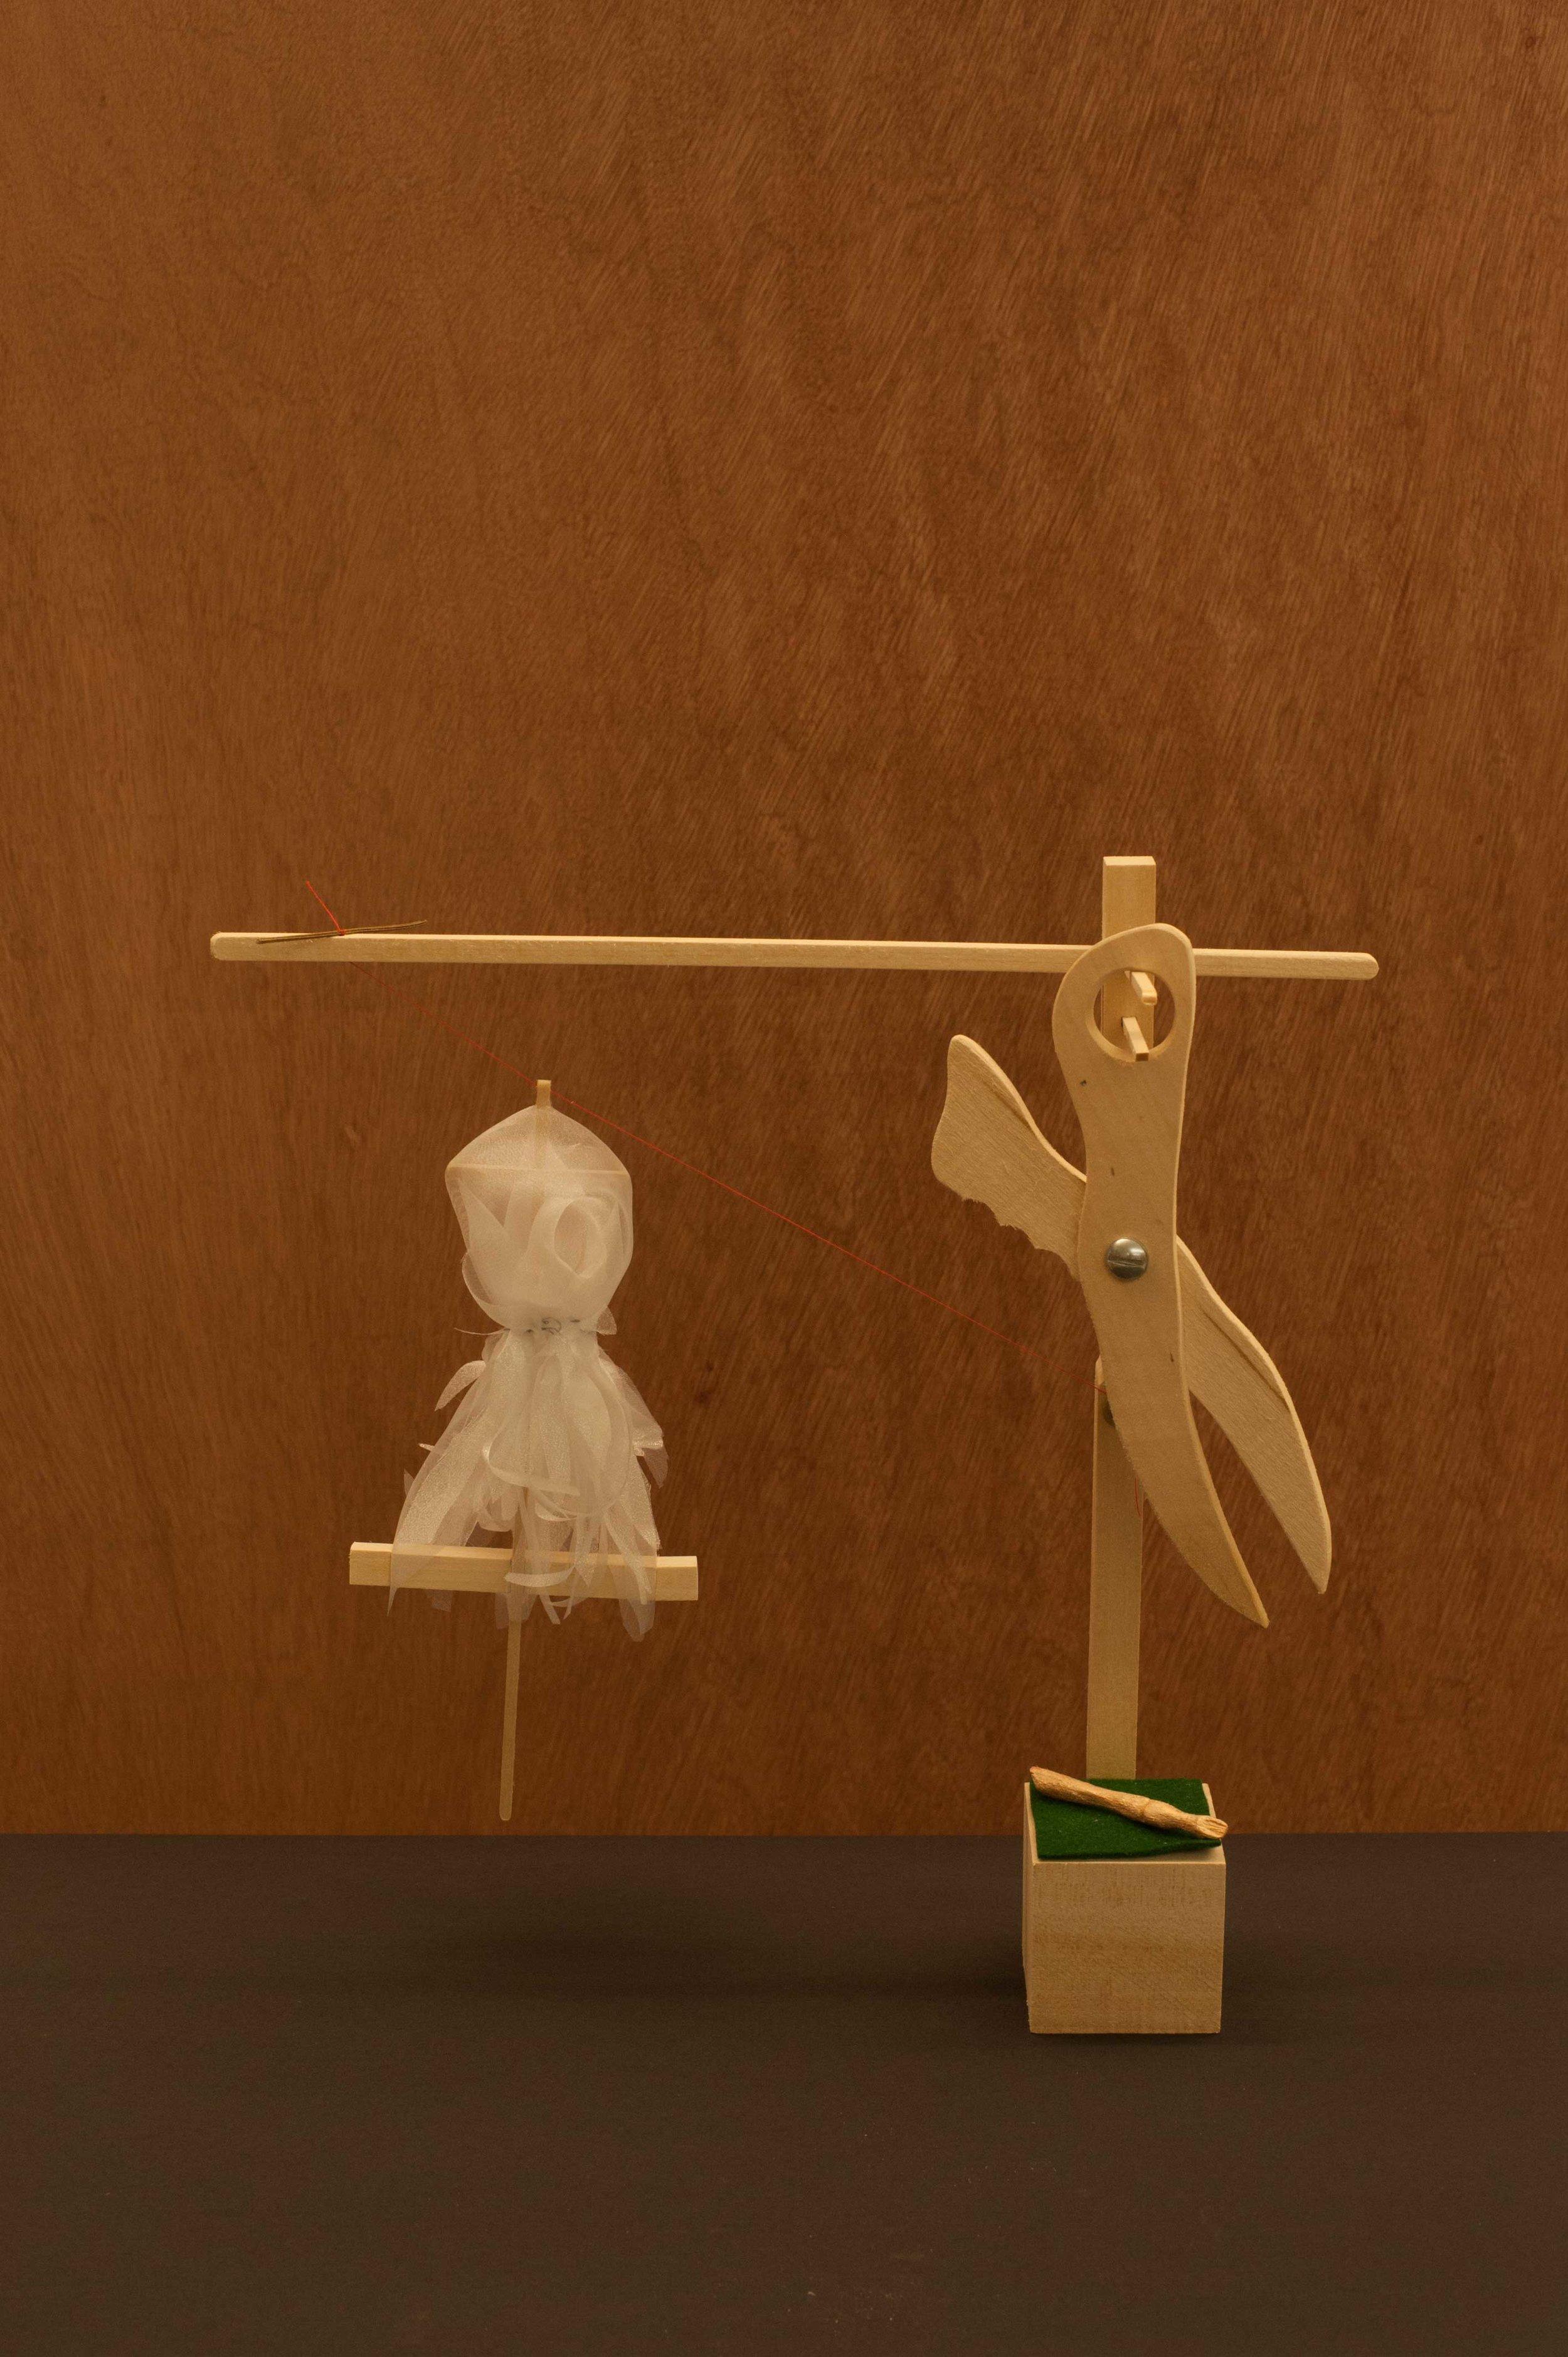 Vulture-Worship_10inx12in_Scultptural-Object_SANTIAGO.jpg